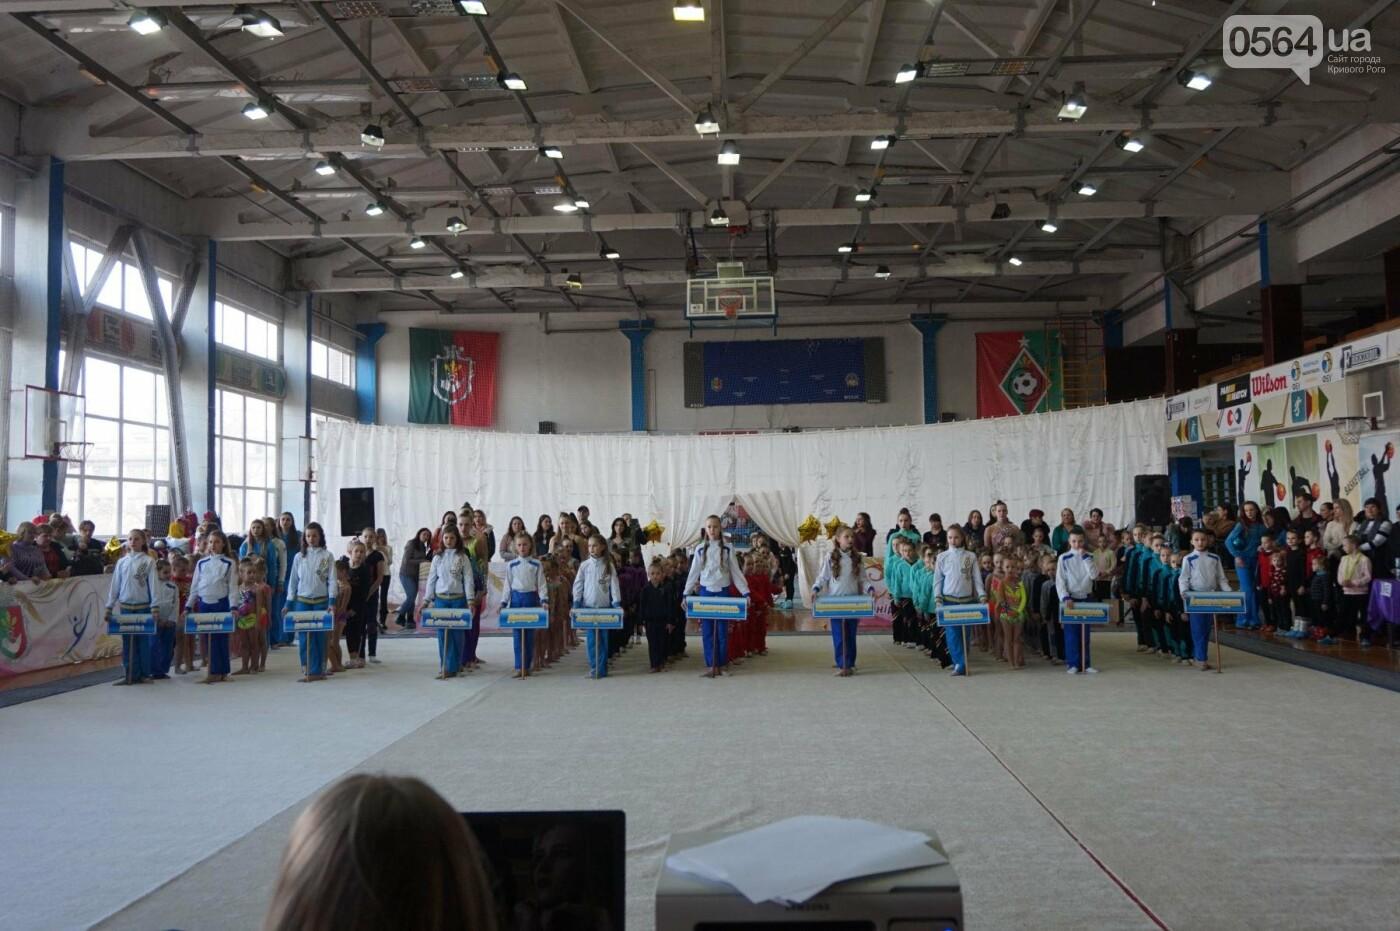 Праздник красоты и грации состоялся в Кривом Роге (ФОТО), фото-33